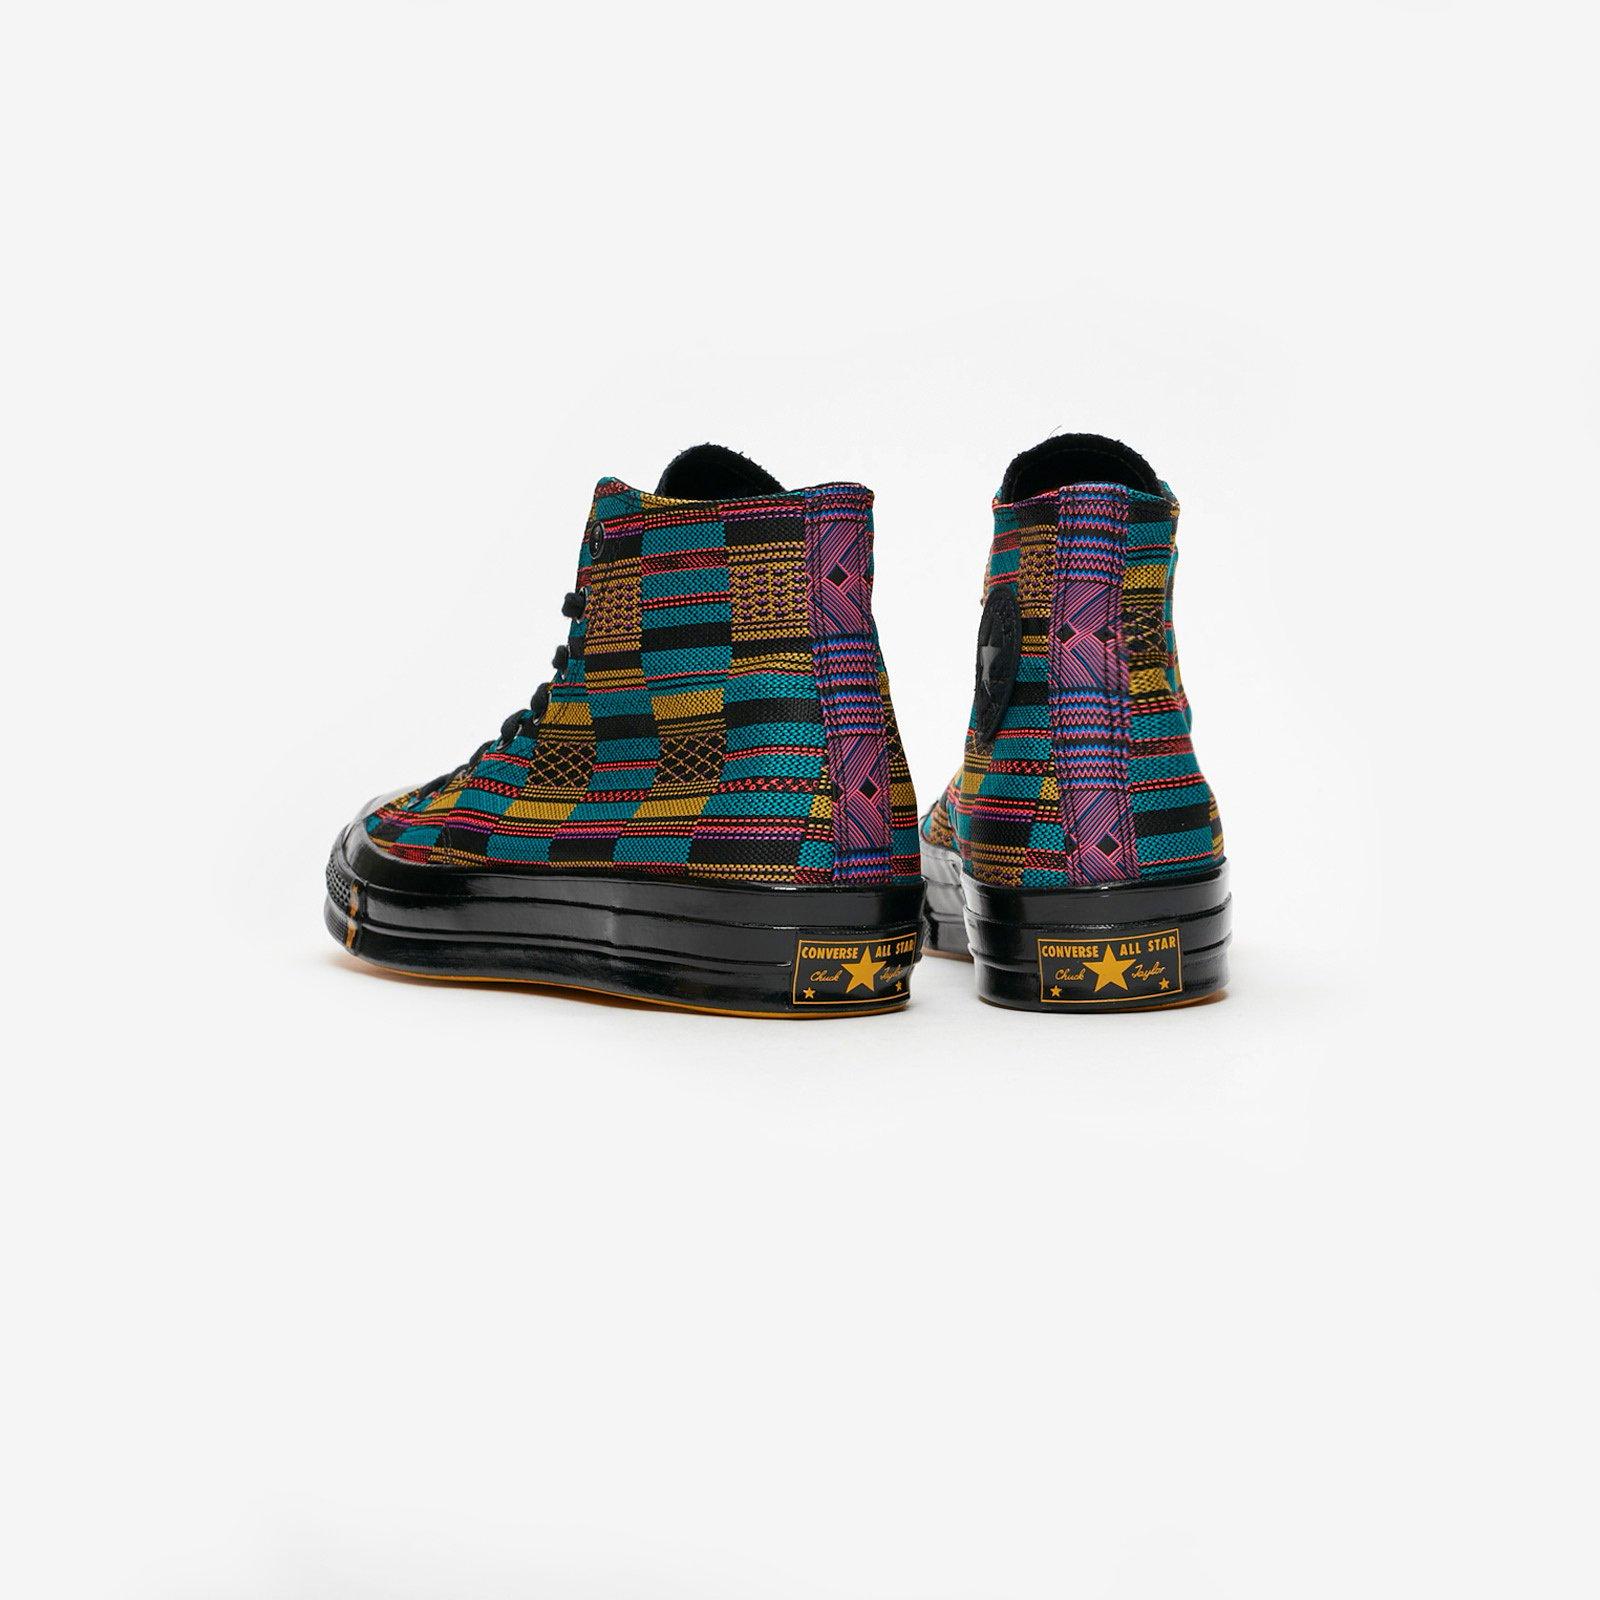 Converse Chuck 70s Hi 165557c Sneakersnstuff | sneakers